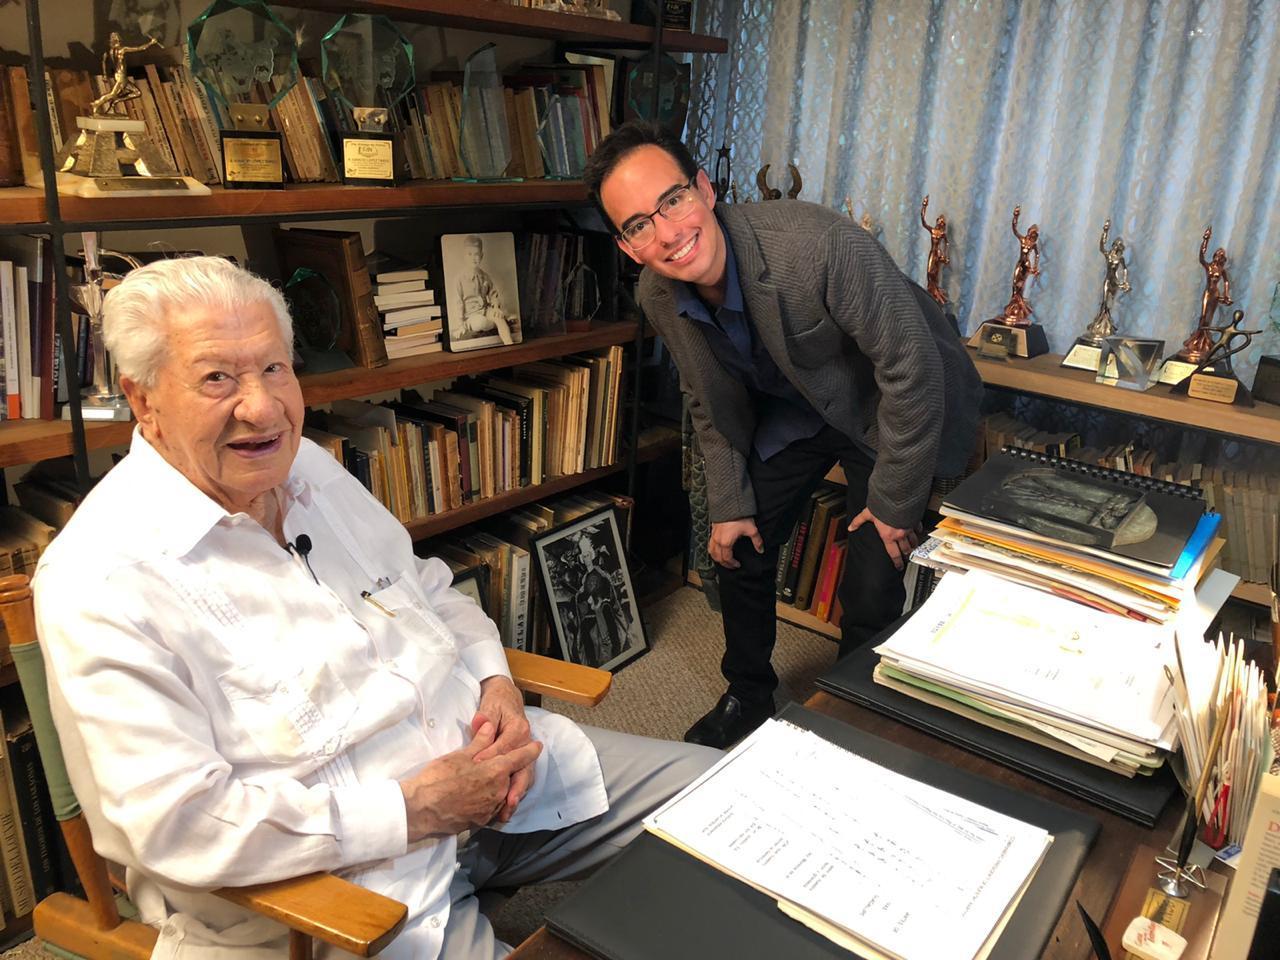 Producer Guillermo Wiechers